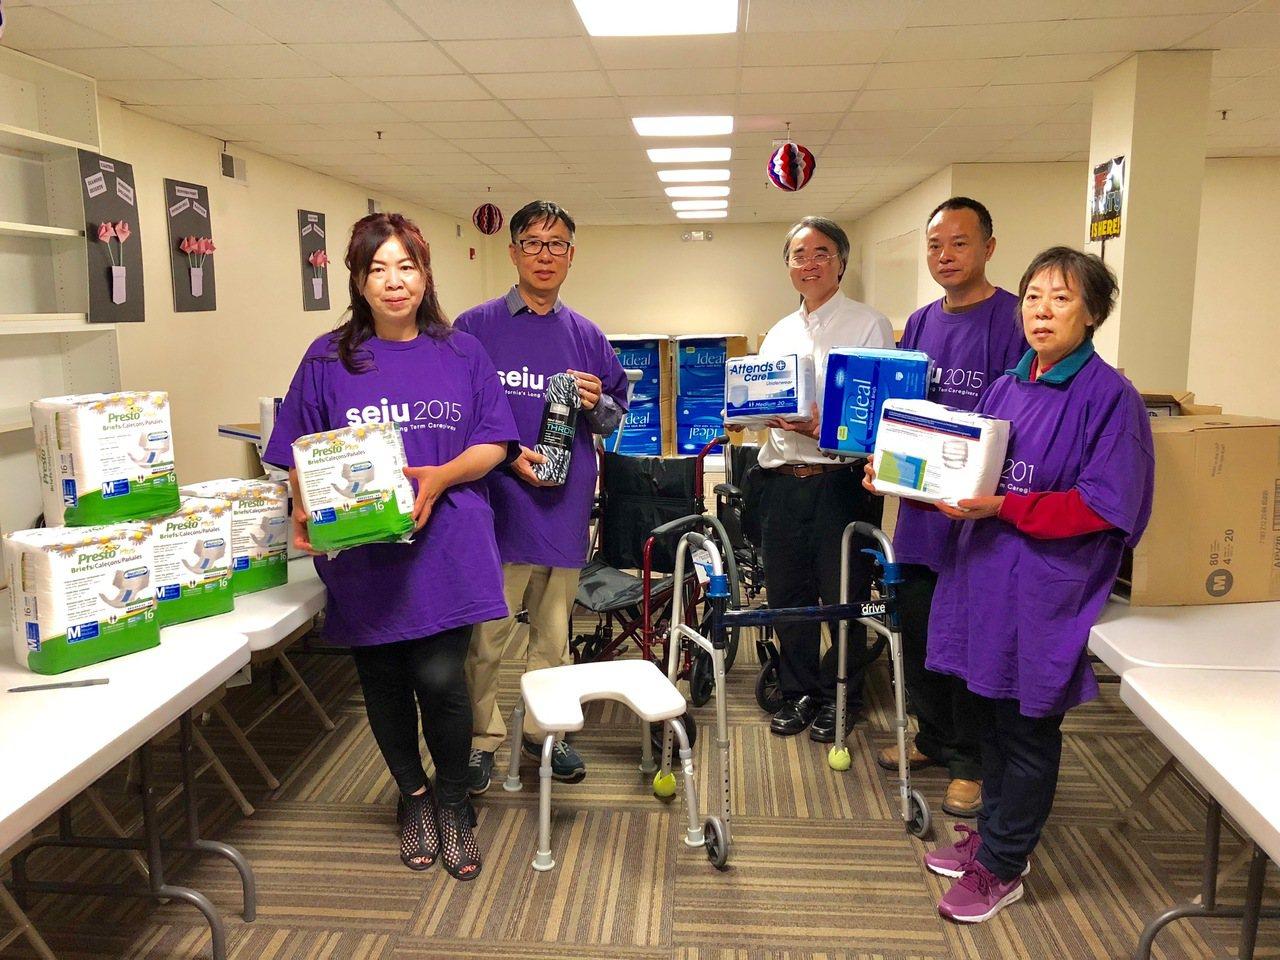 加州長期護理人員工會(SEIU 2015)的華裔家護人員徵集大量成人尿布送往北灣...